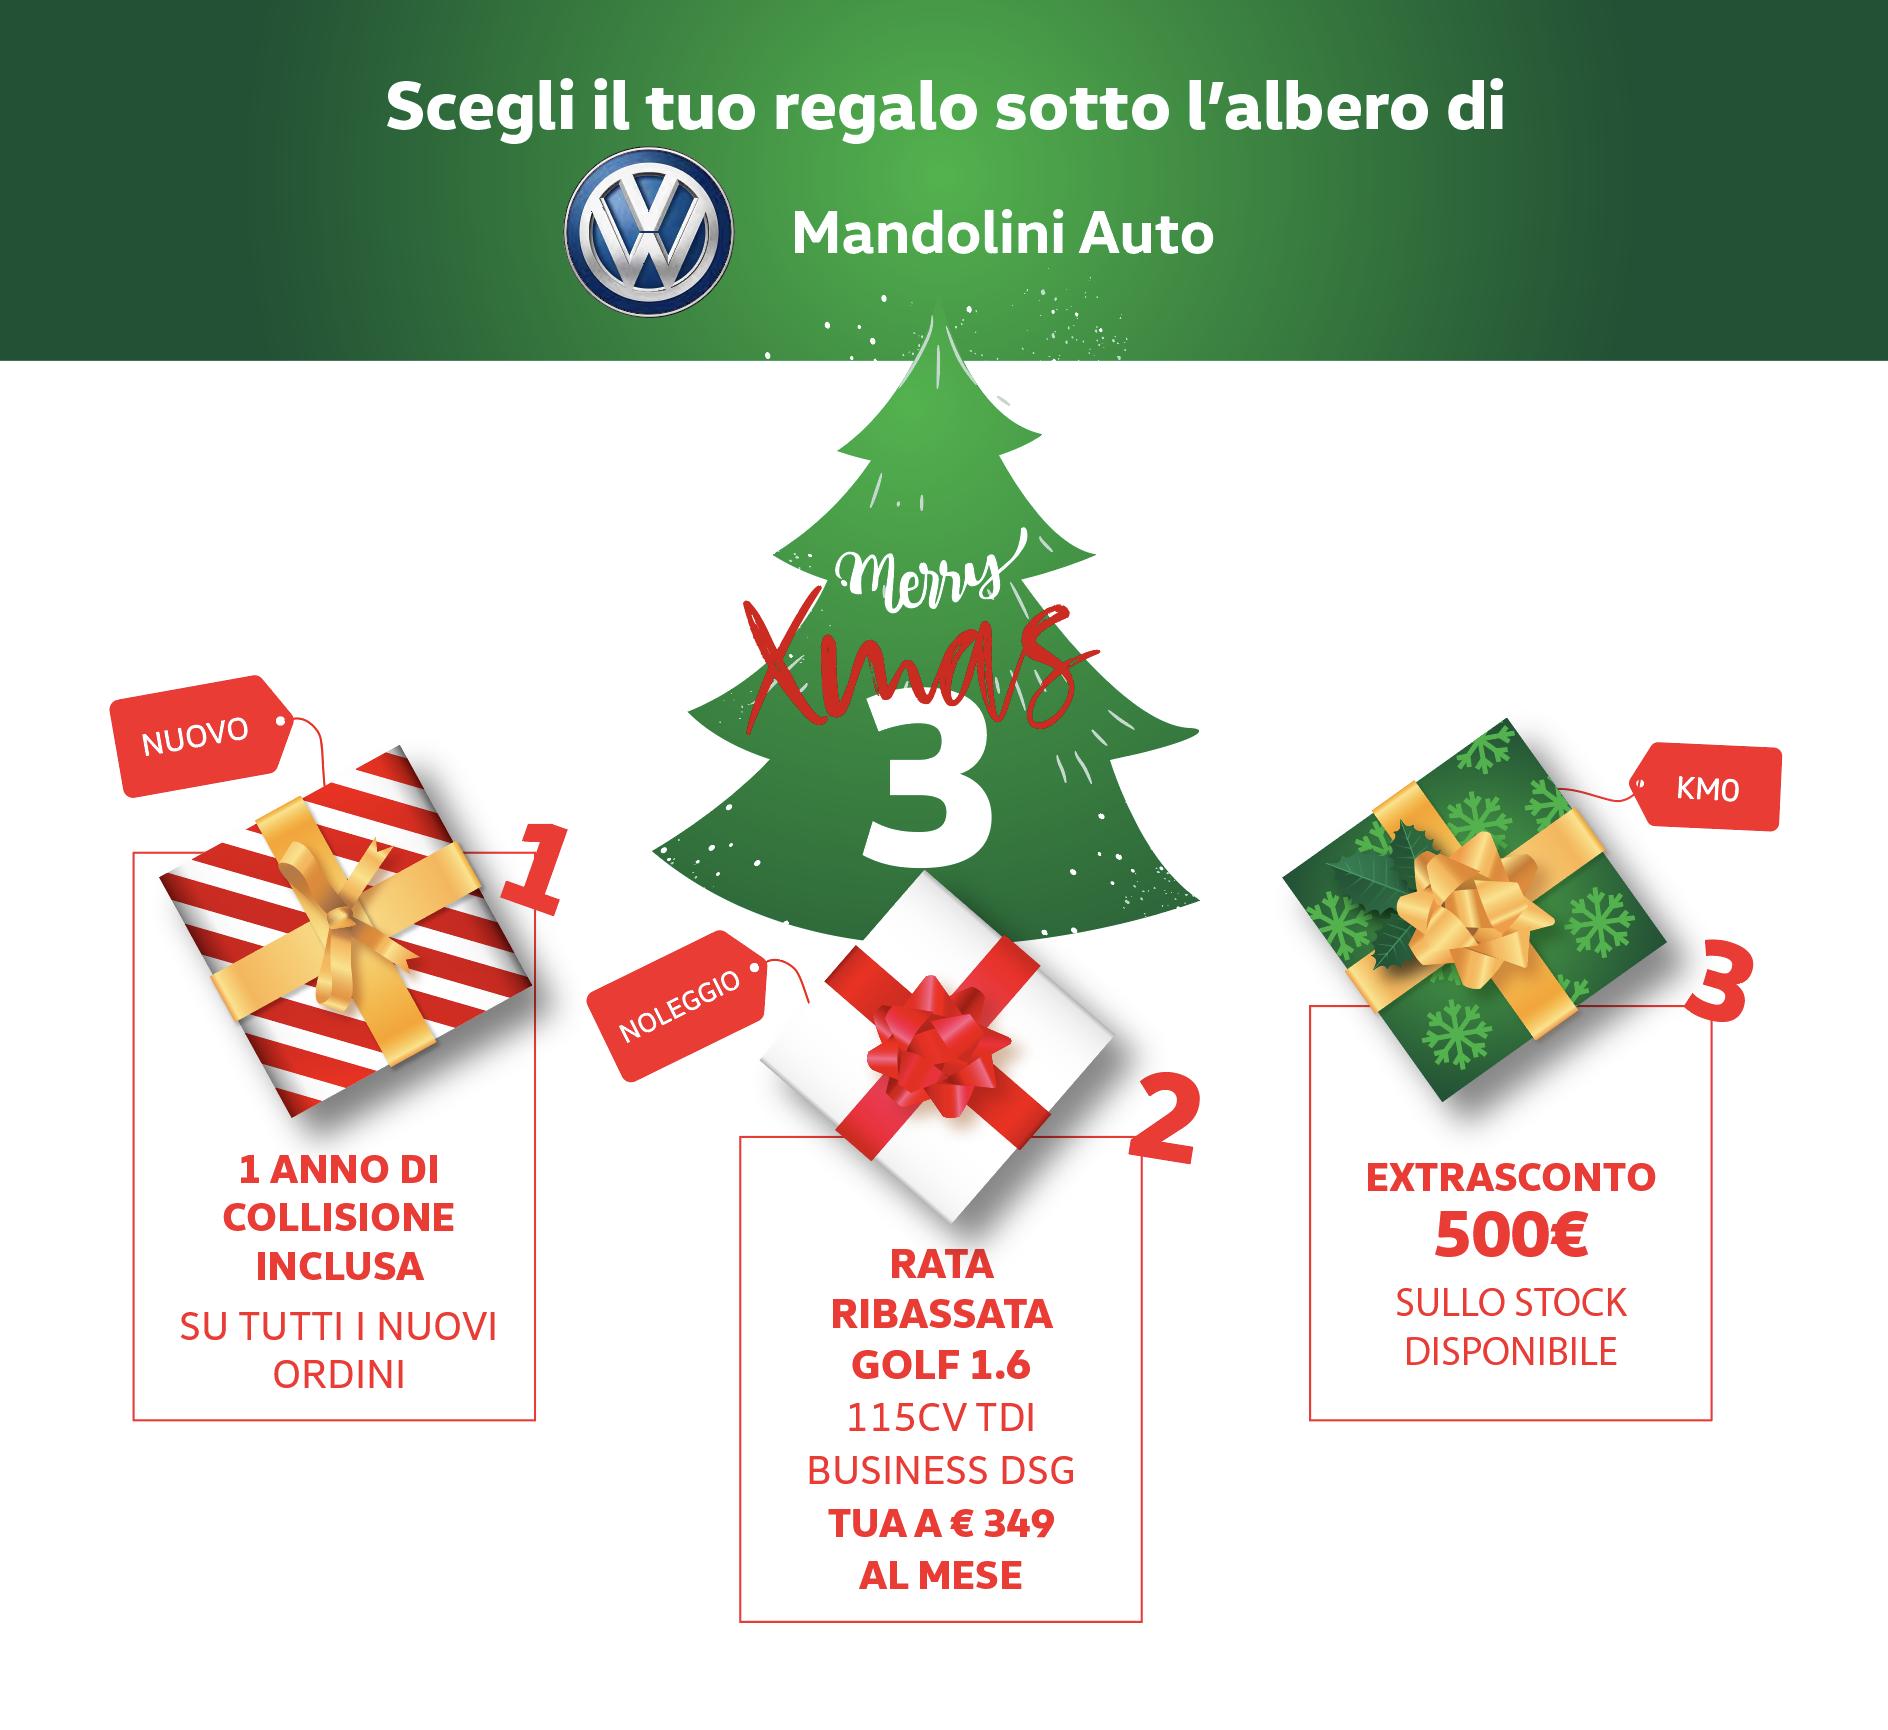 XMAS 3! Scegli il tuo regalo sotto l'albero di Natale di Mandolini!